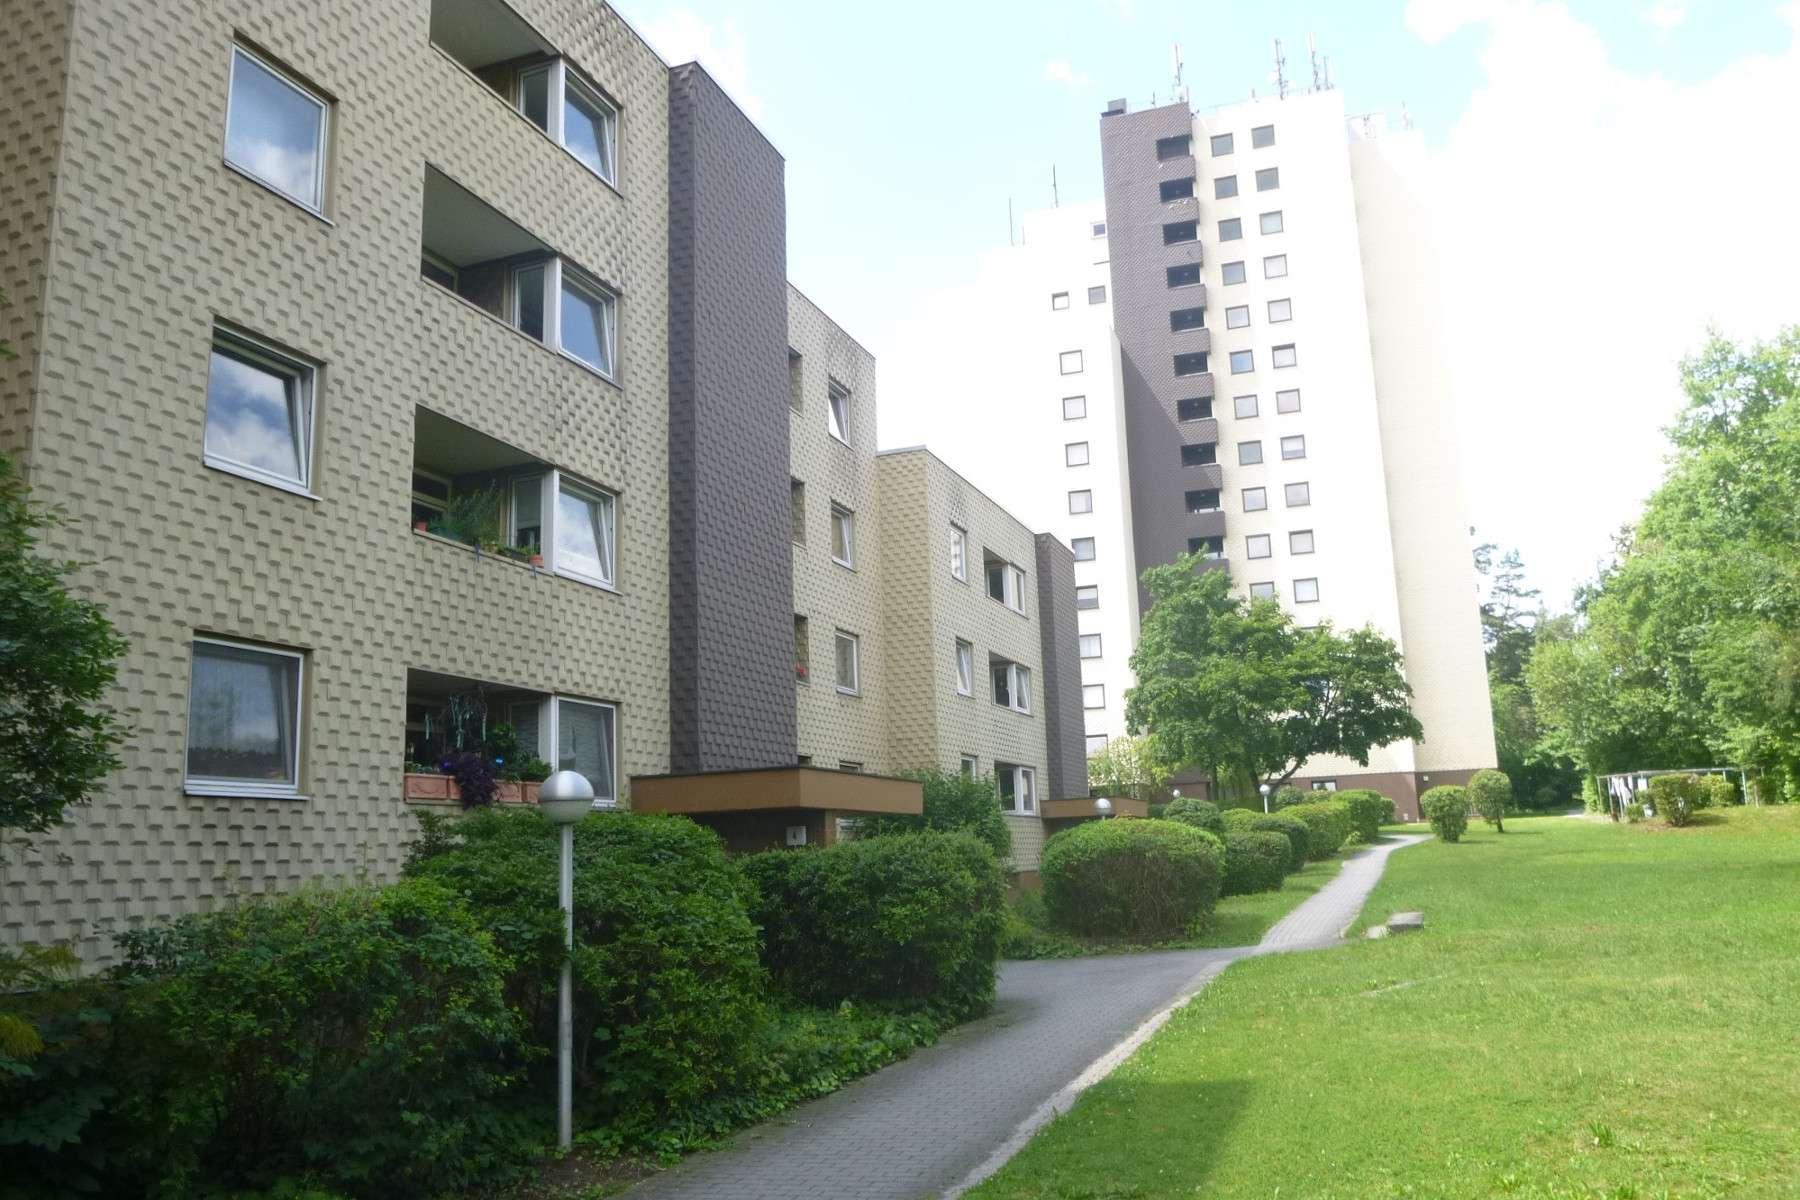 AKTION - ERSTE KALTMIETE GESCHENKT, geräumige 4 Zimmer Wohnung ab sofort zu vermieten in